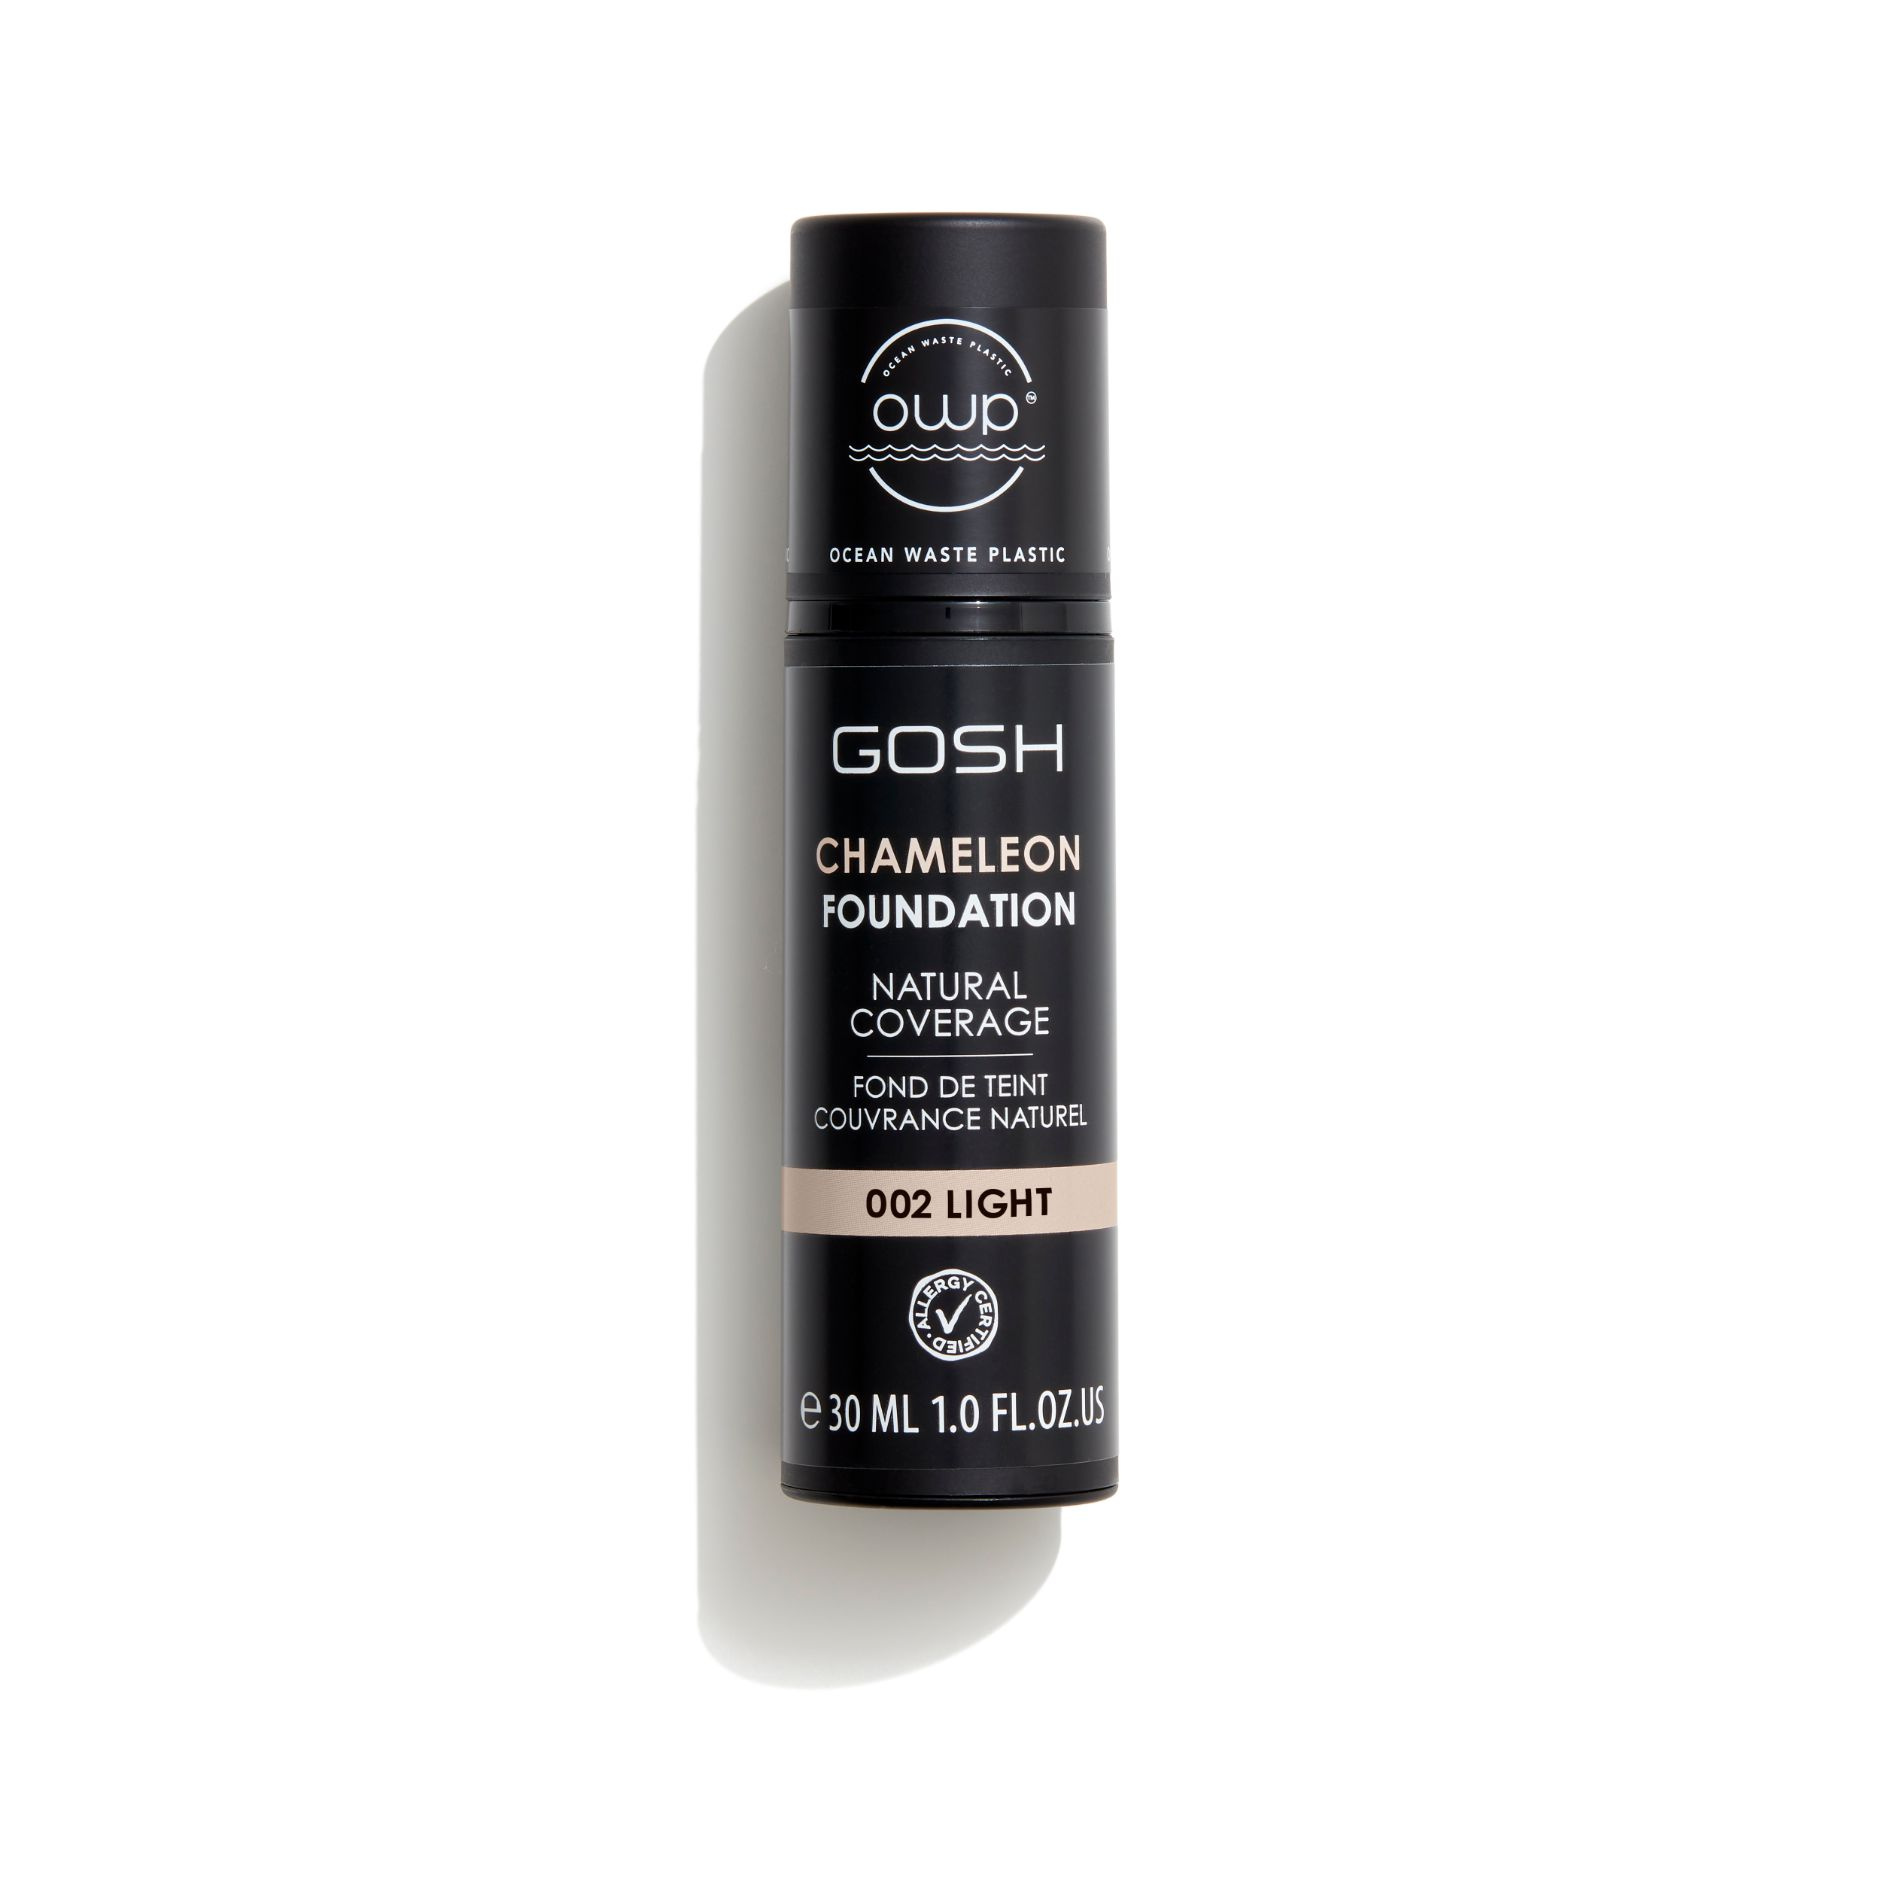 GOSH Copenhagen - Chameleon Foundation - 002 Light